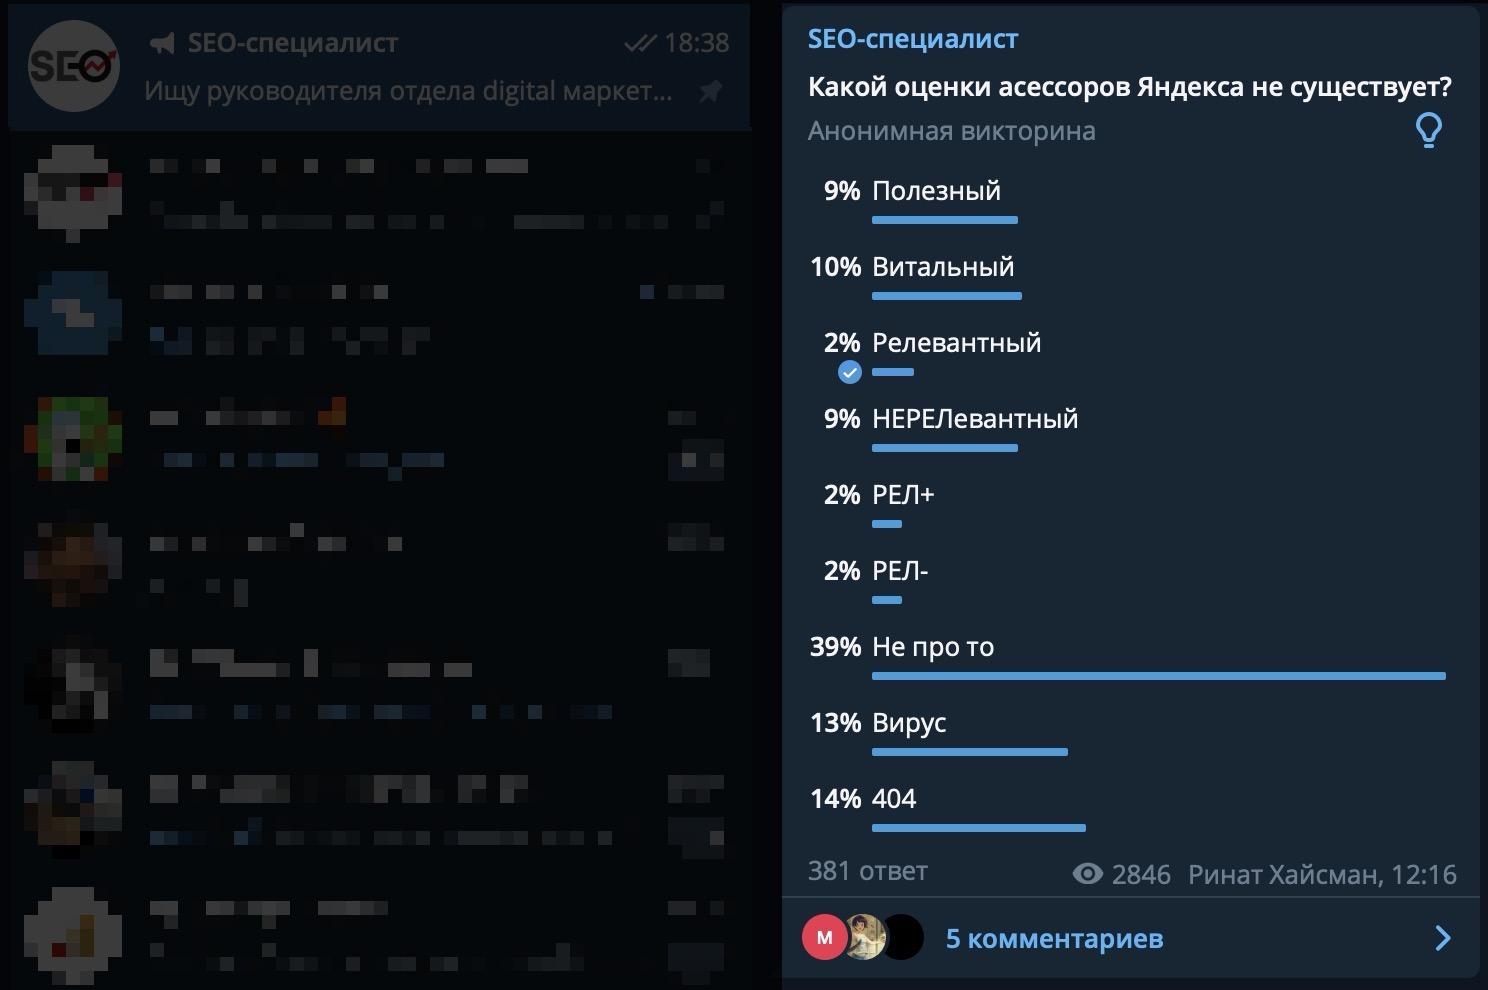 оценки асессоров яндекс голосование